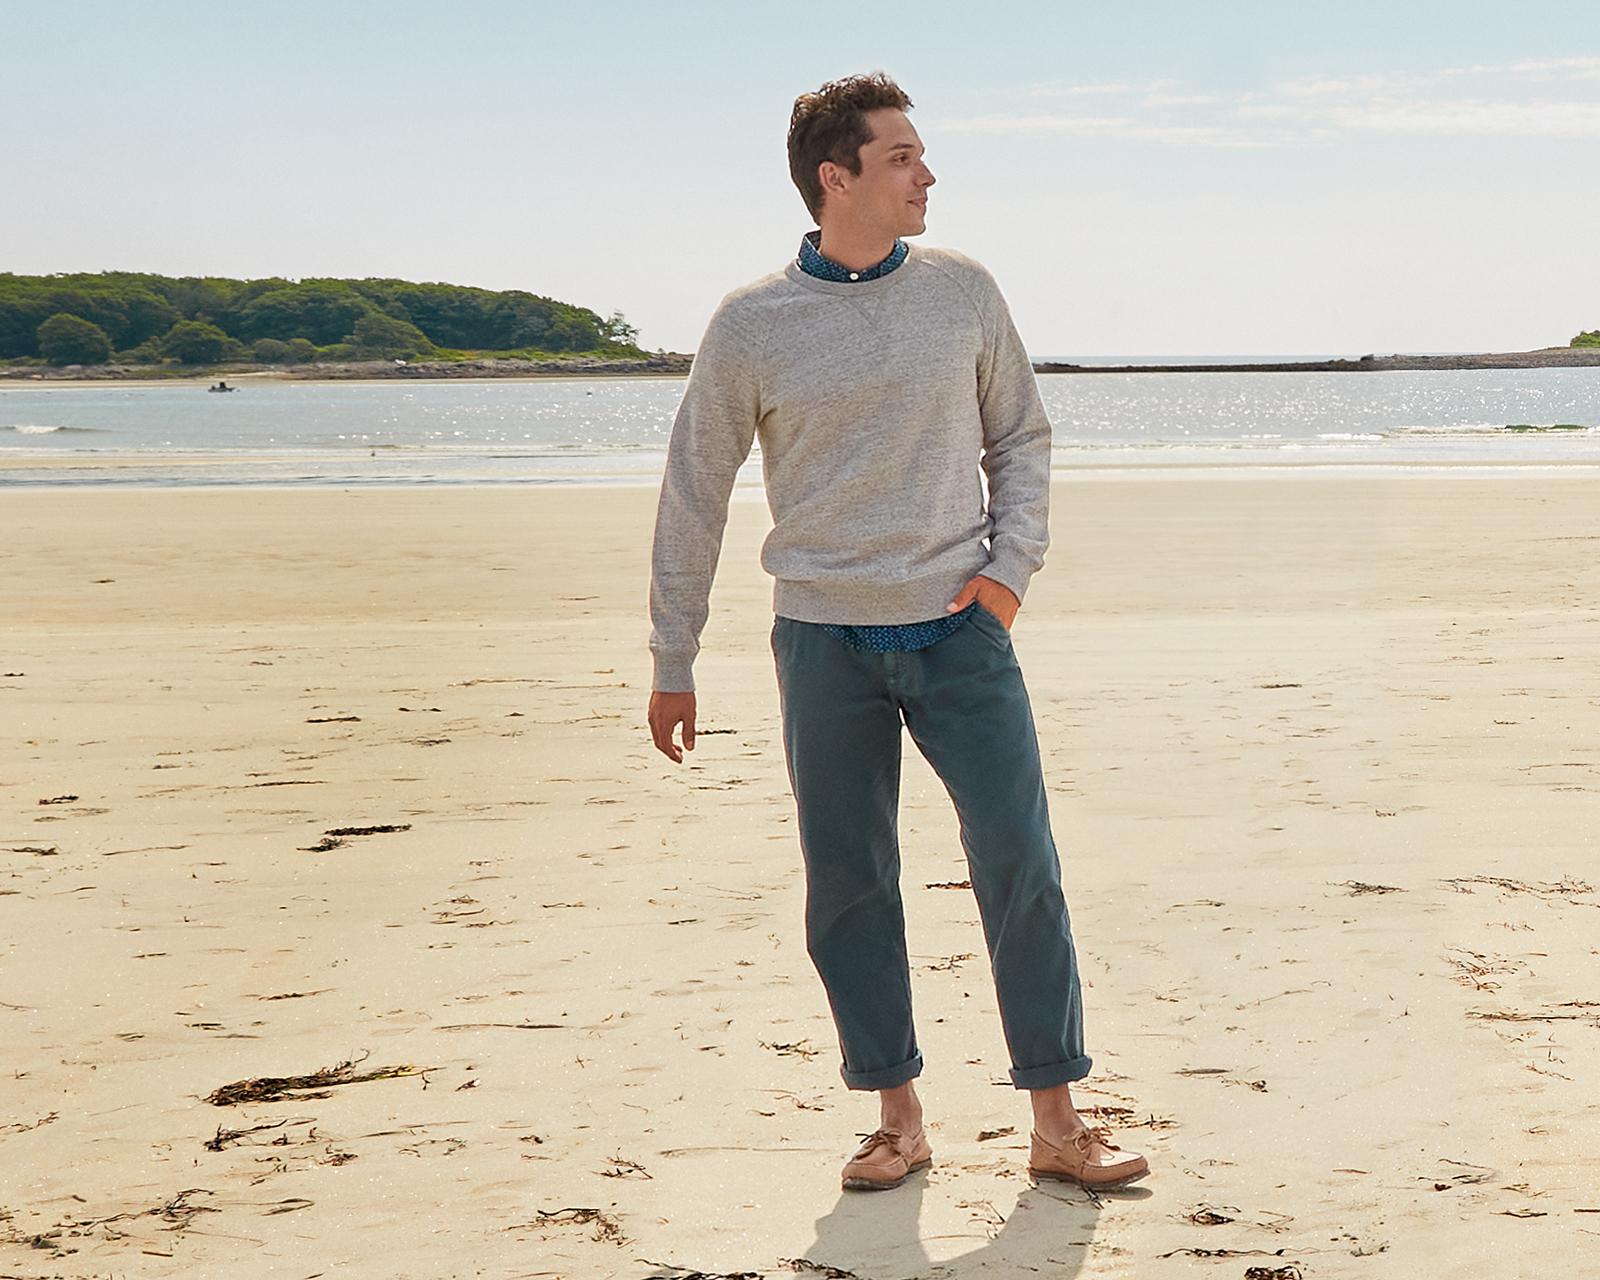 Man standing in front of the ocean.